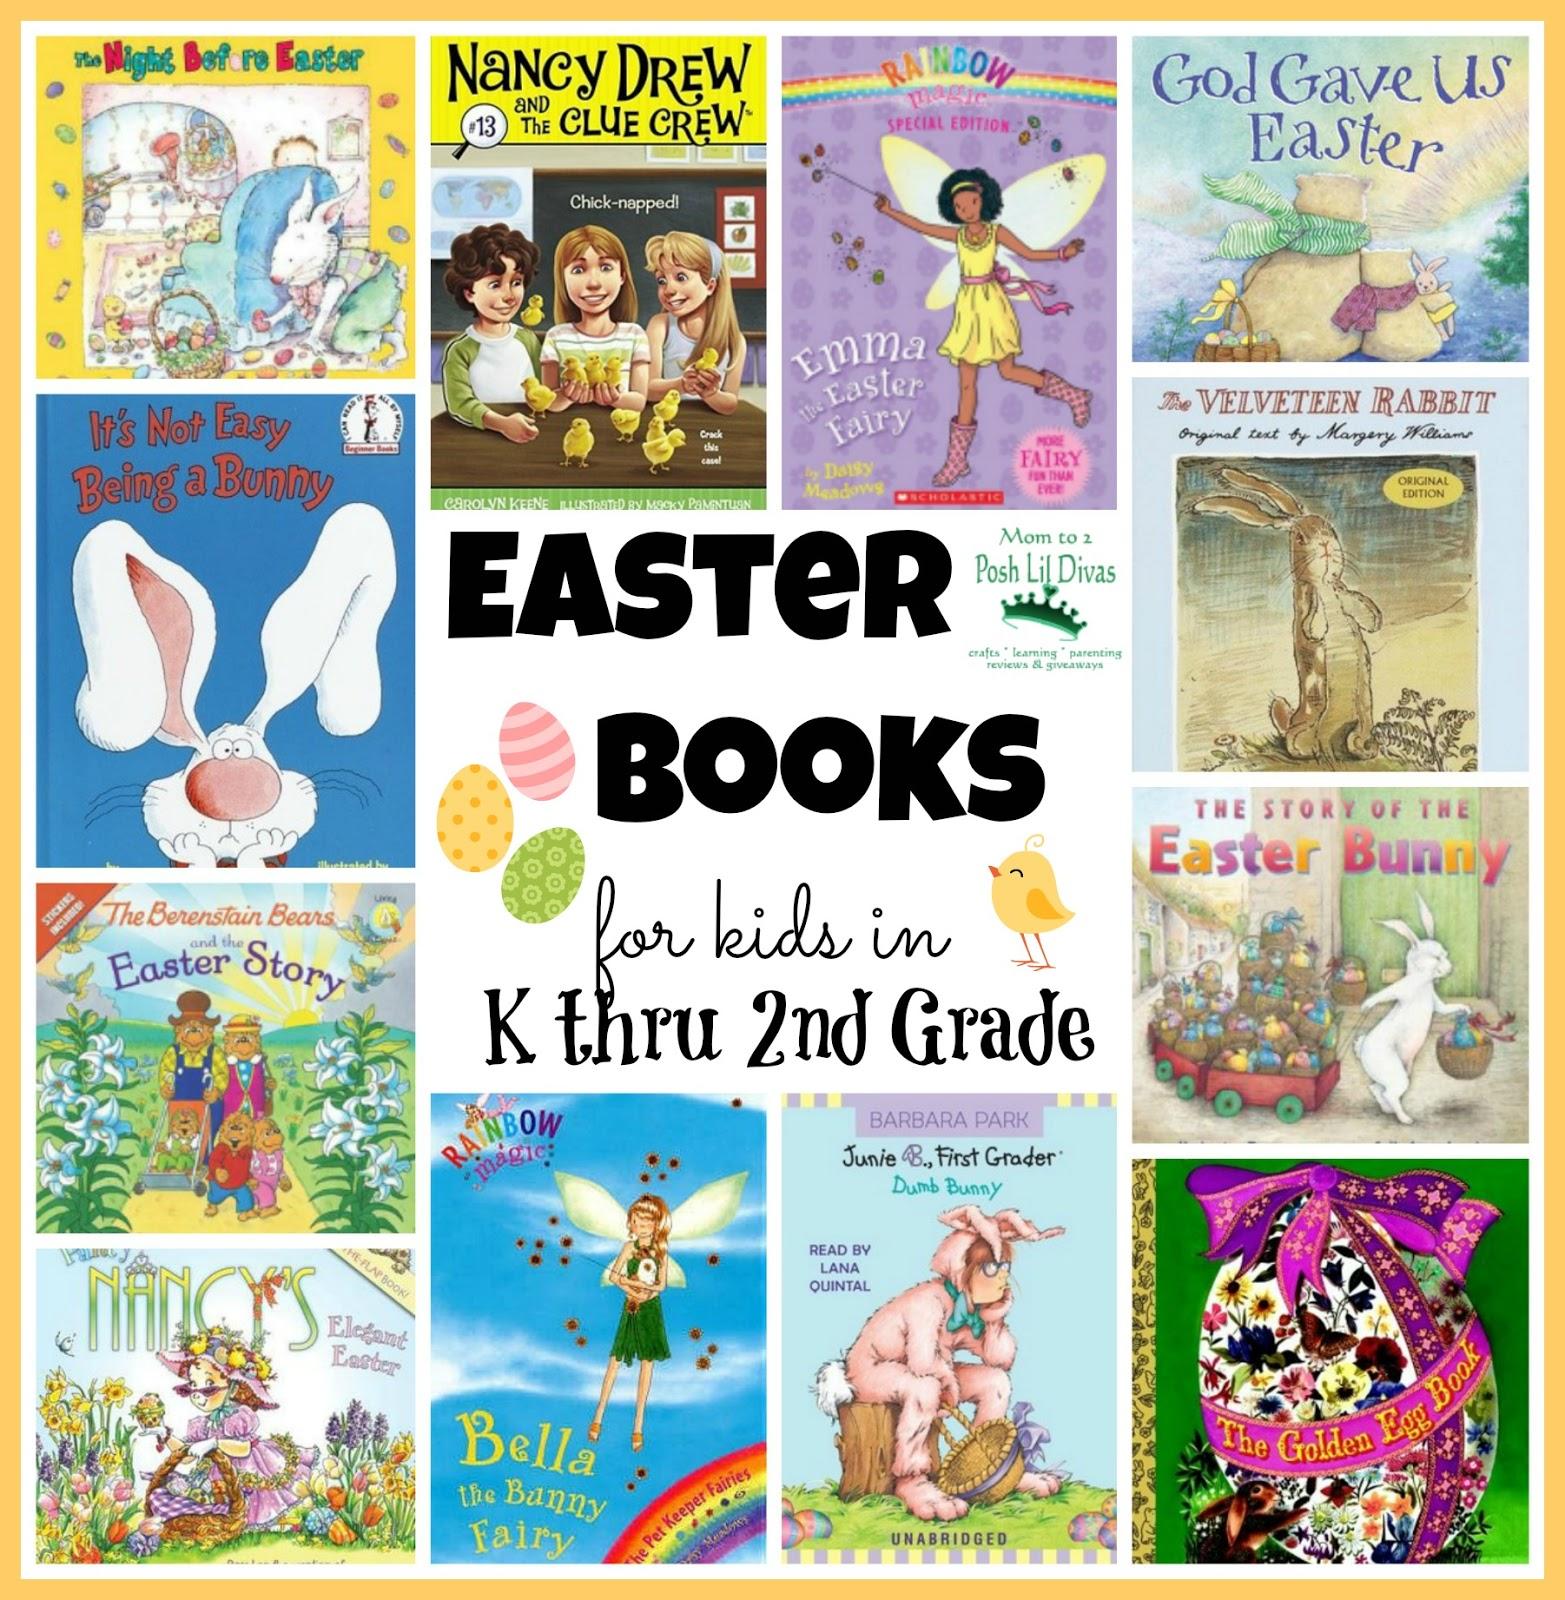 Easter Books For Kids In K Thru 2nd Grade